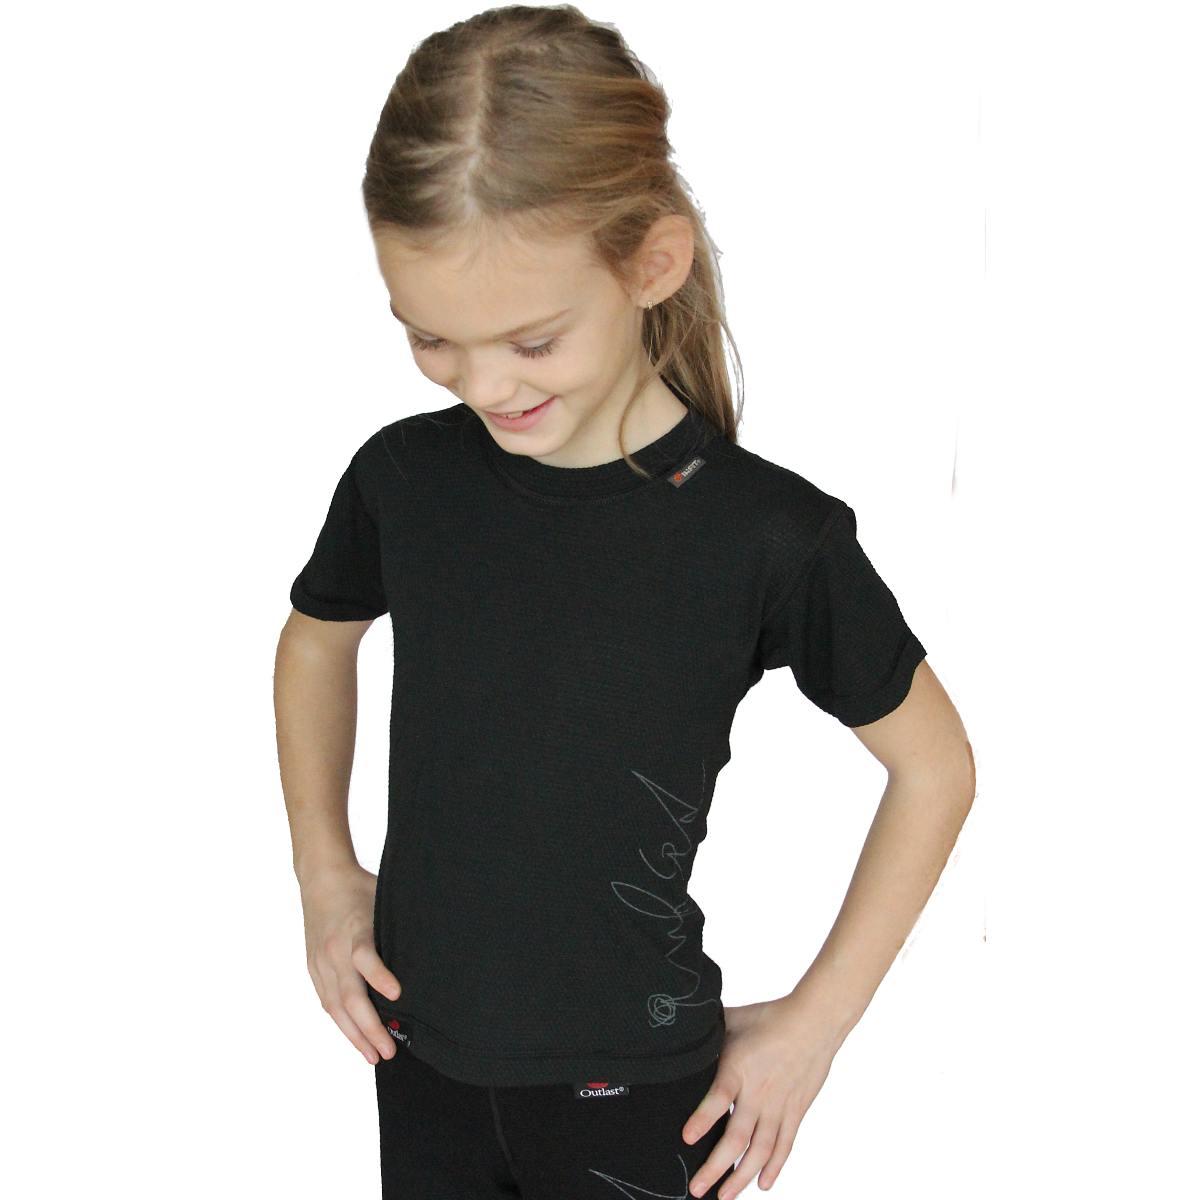 Outlast Plástve funkční dětské triko s krátkým rukávem 78e406cedb